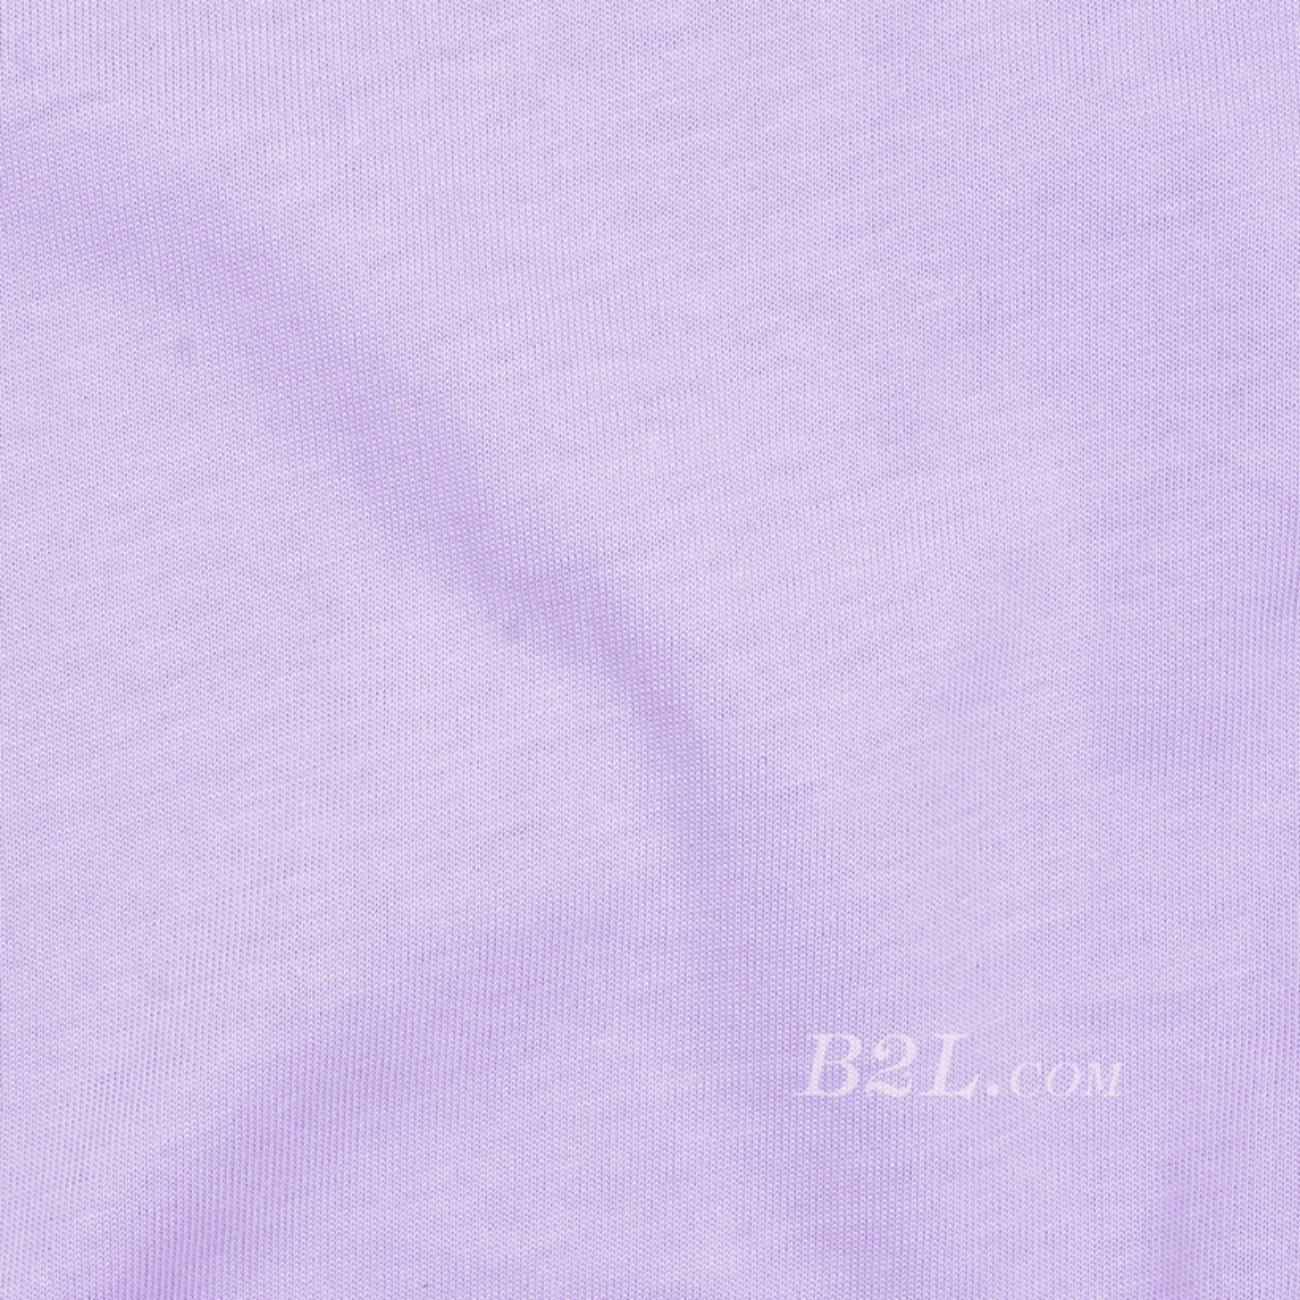 素色 针织 染色 低弹 春秋 薄 连衣裙 时装 90306-41